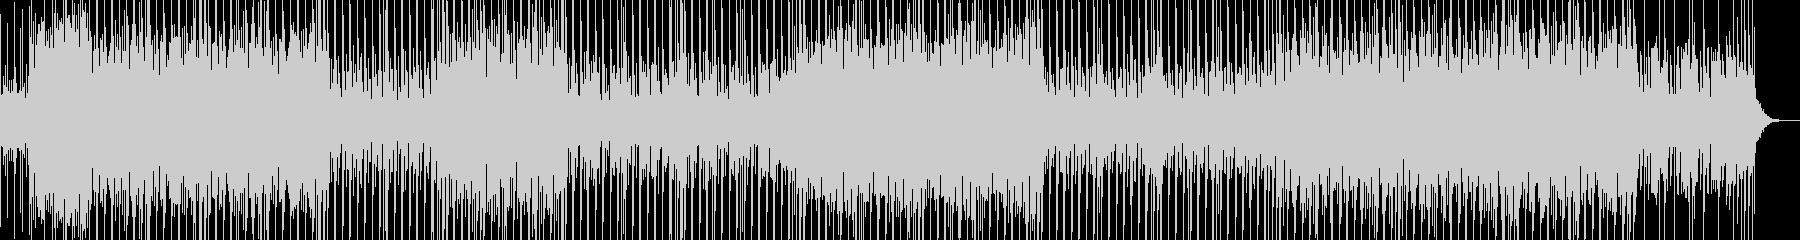 不思議なリズムとコード感のBGMの未再生の波形